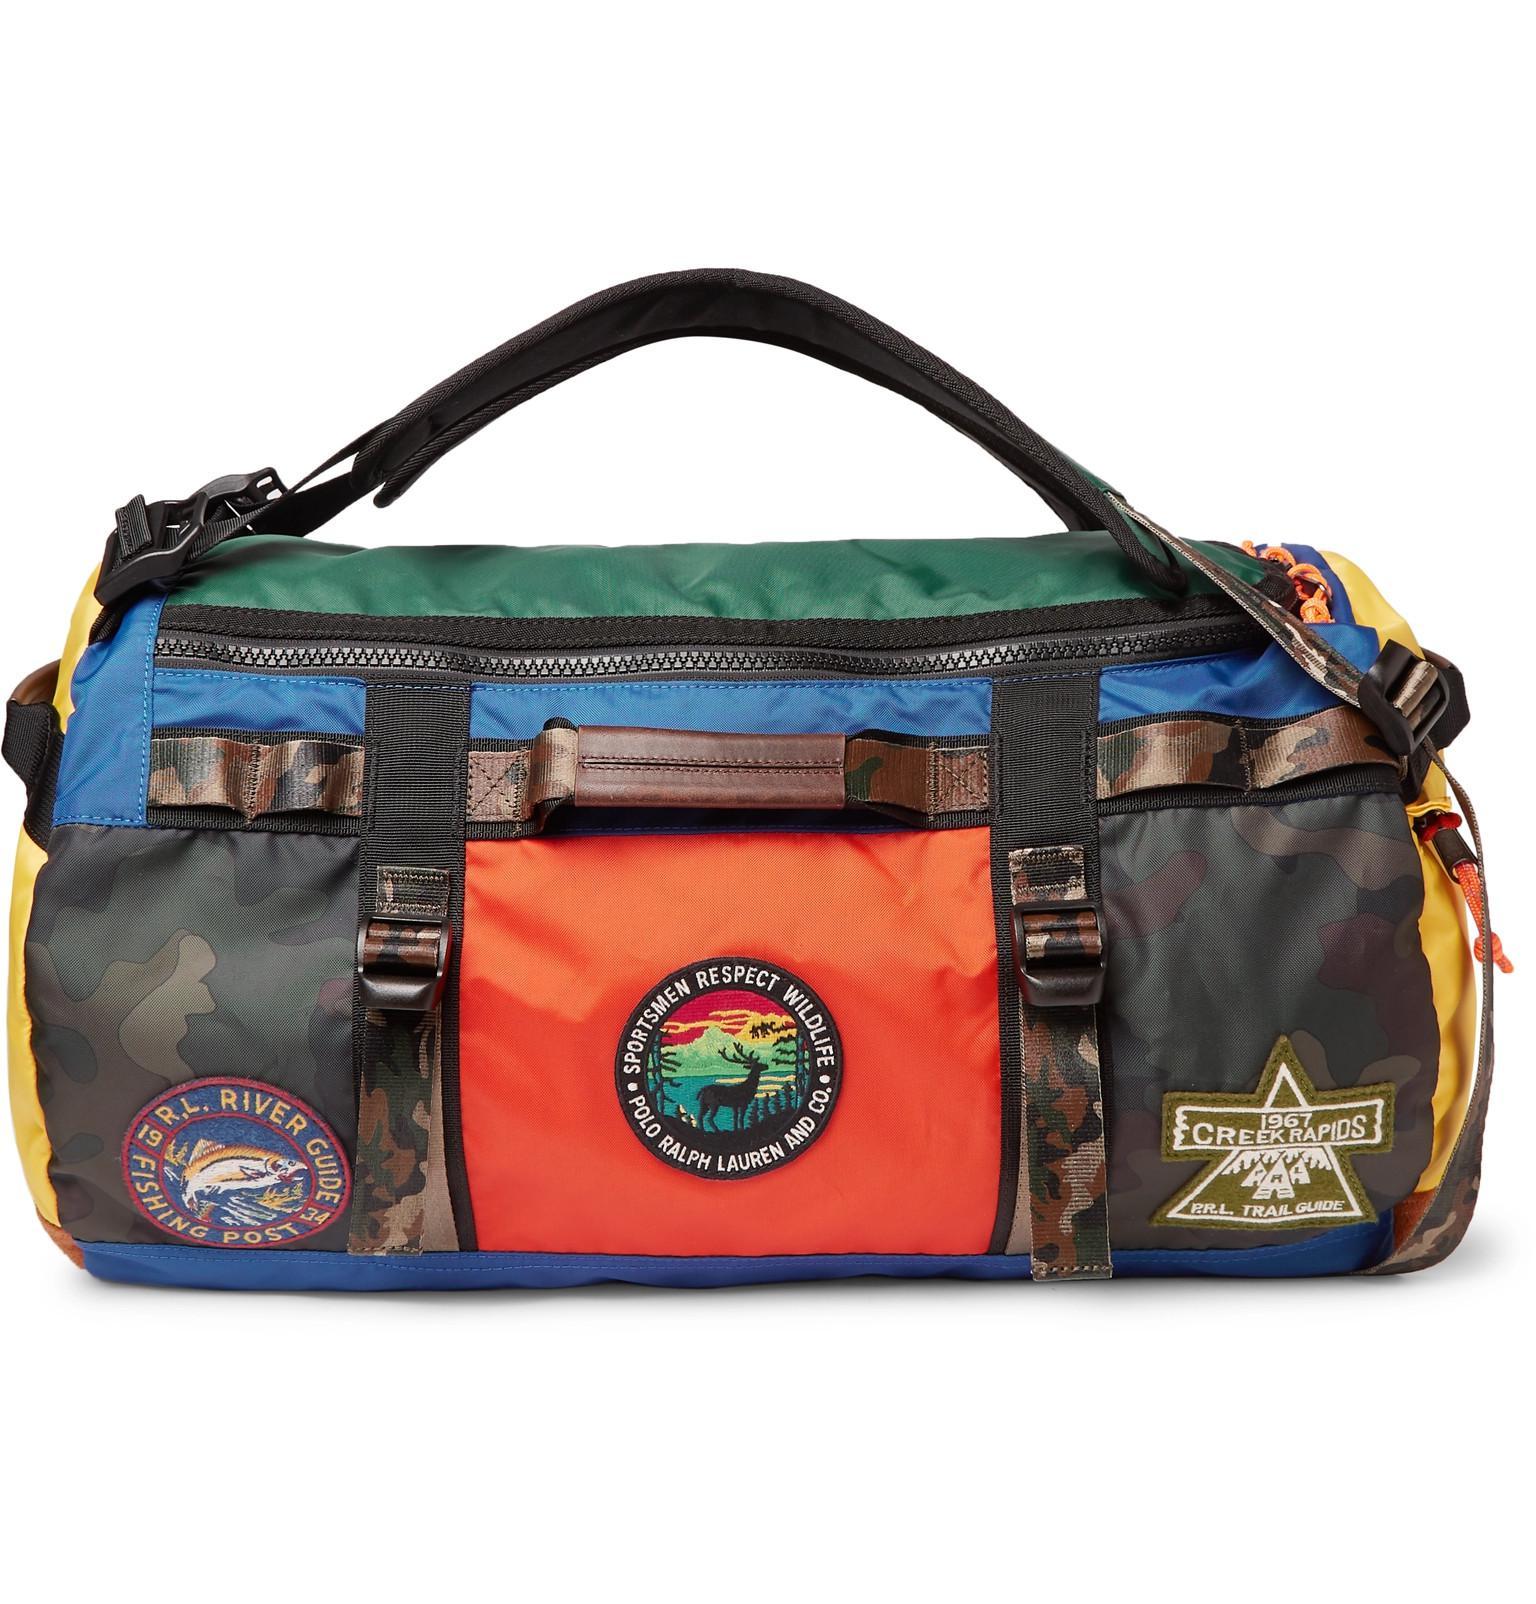 804f77855b4 Polo Ralph Lauren Appliquéd Colour-block Nylon Duffle Bag in Blue ...